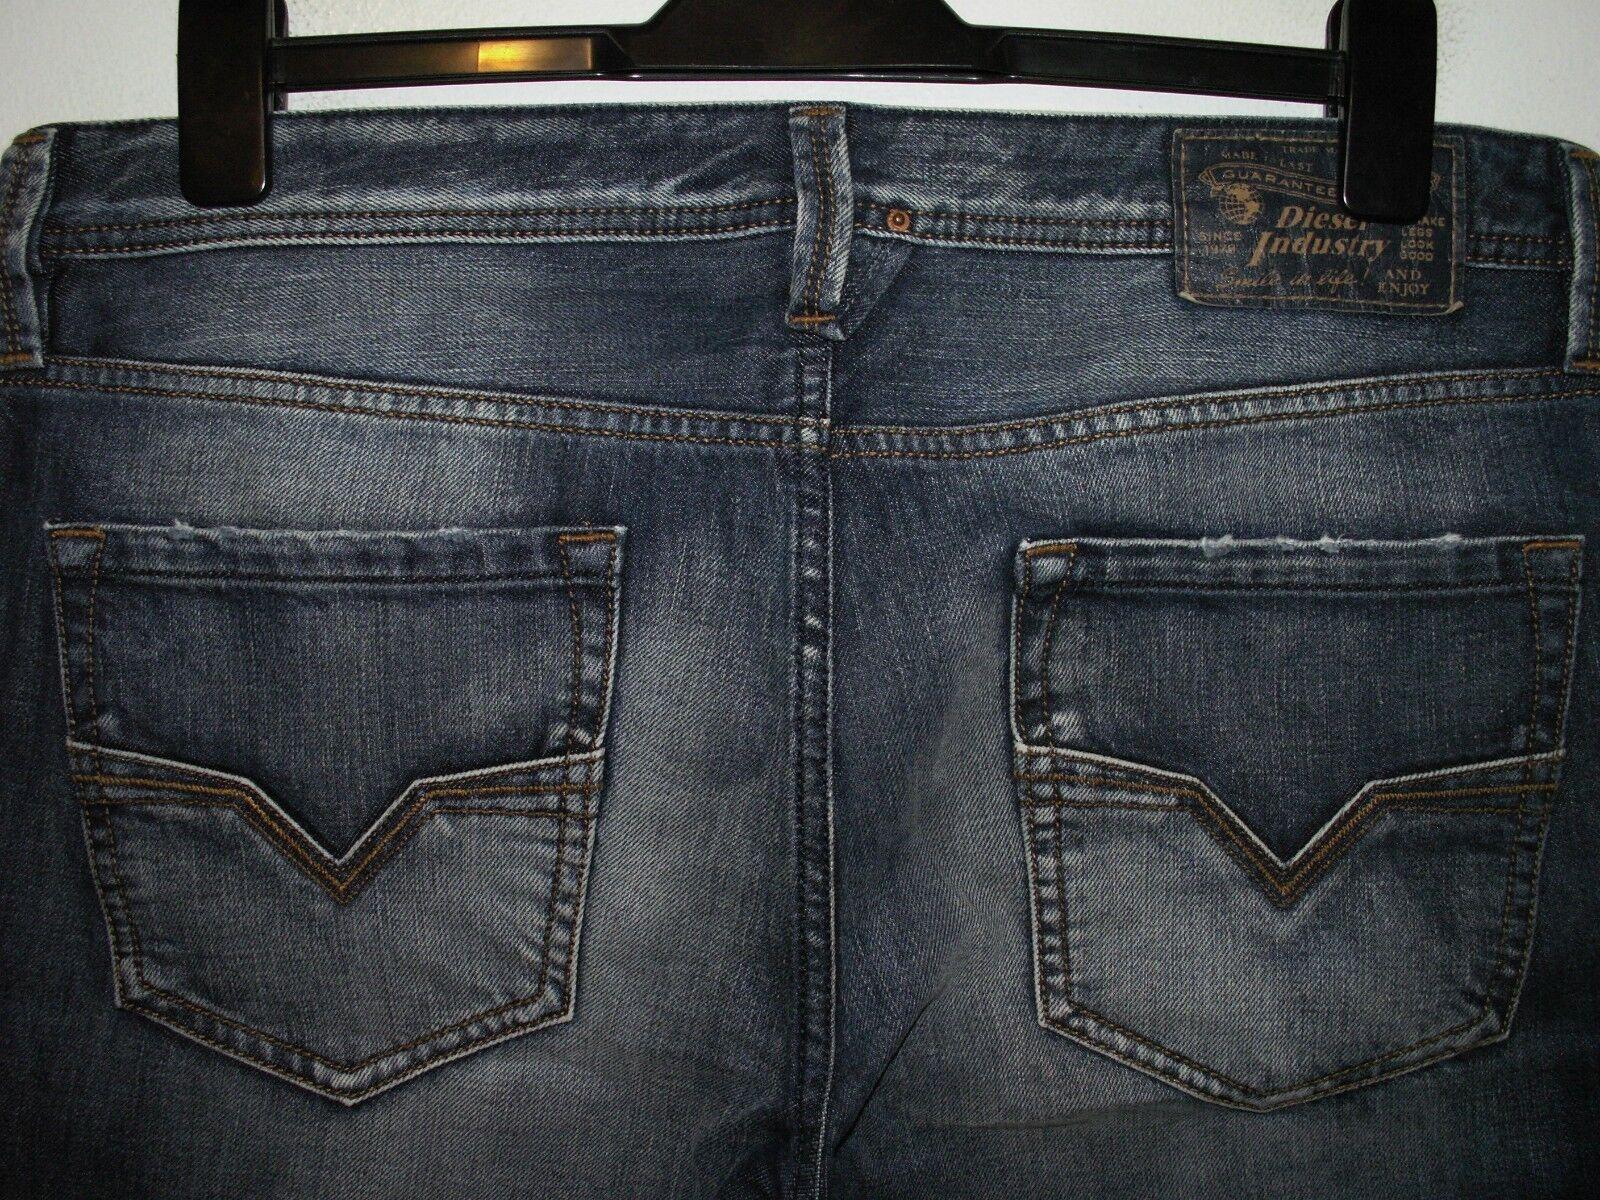 Diesel larkee regular-straight fit jeans wash 0885R W34 L30 (a626)